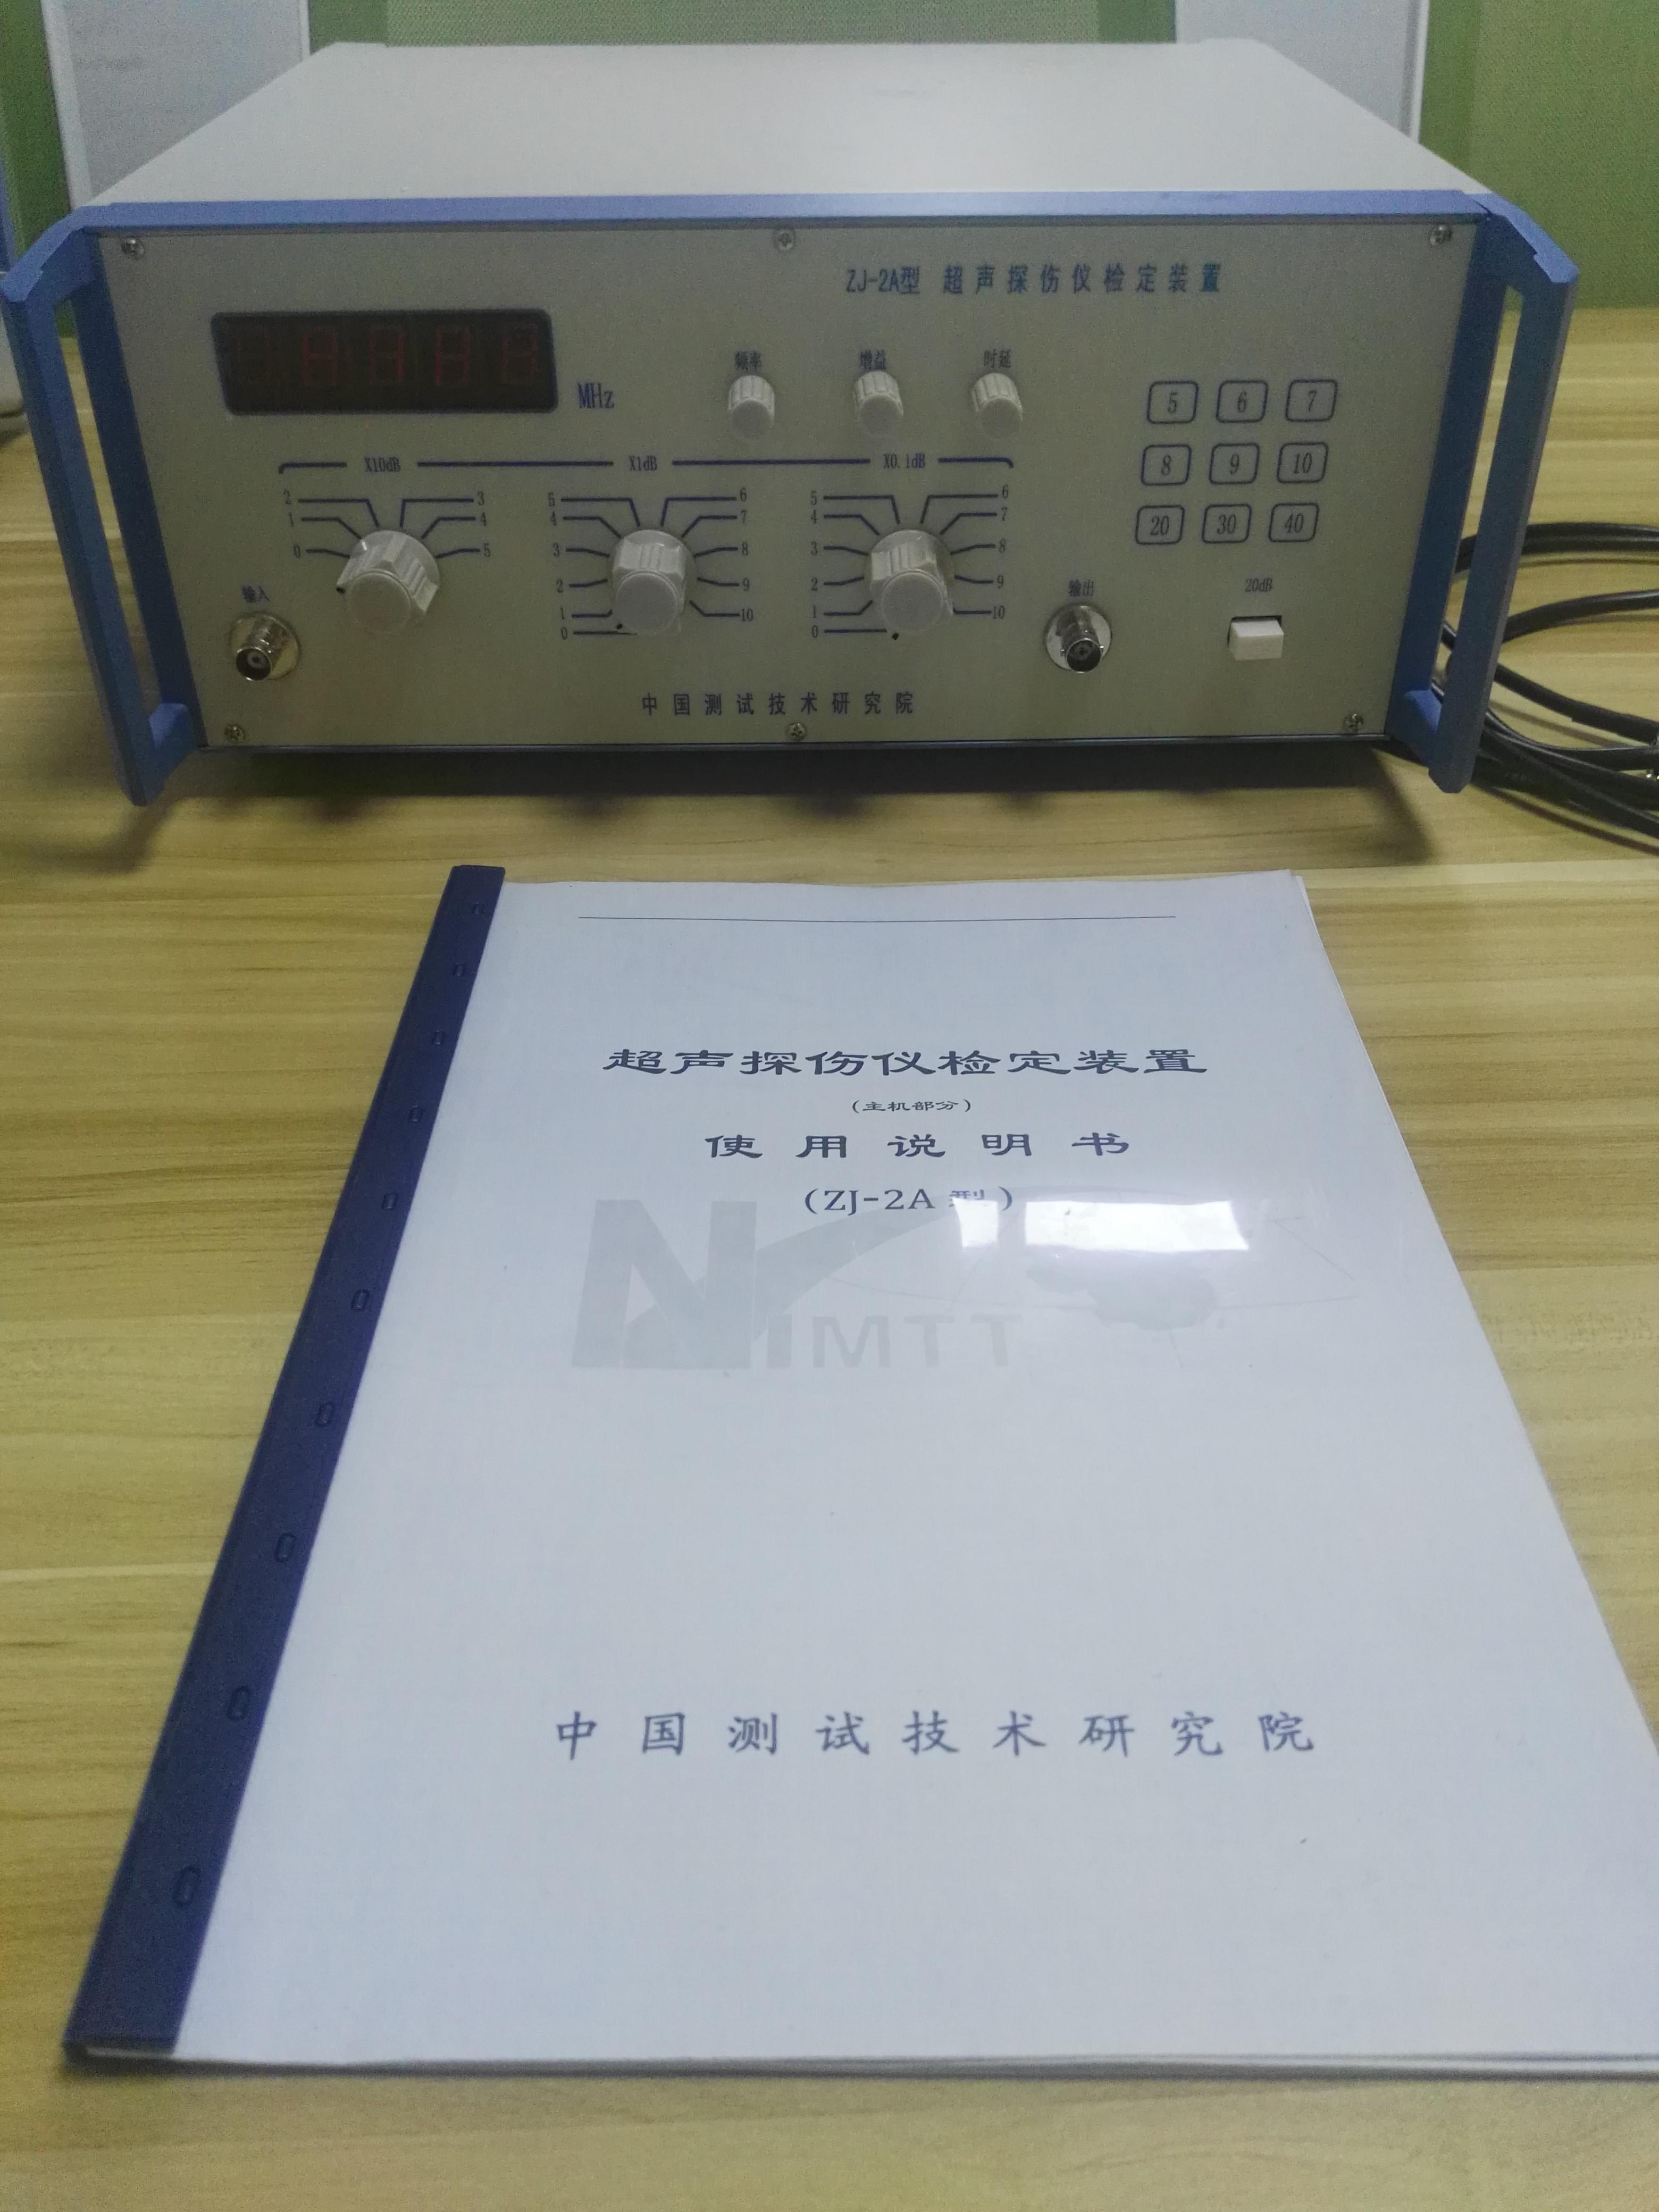 超聲探傷儀檢定裝置-做為小圖使用